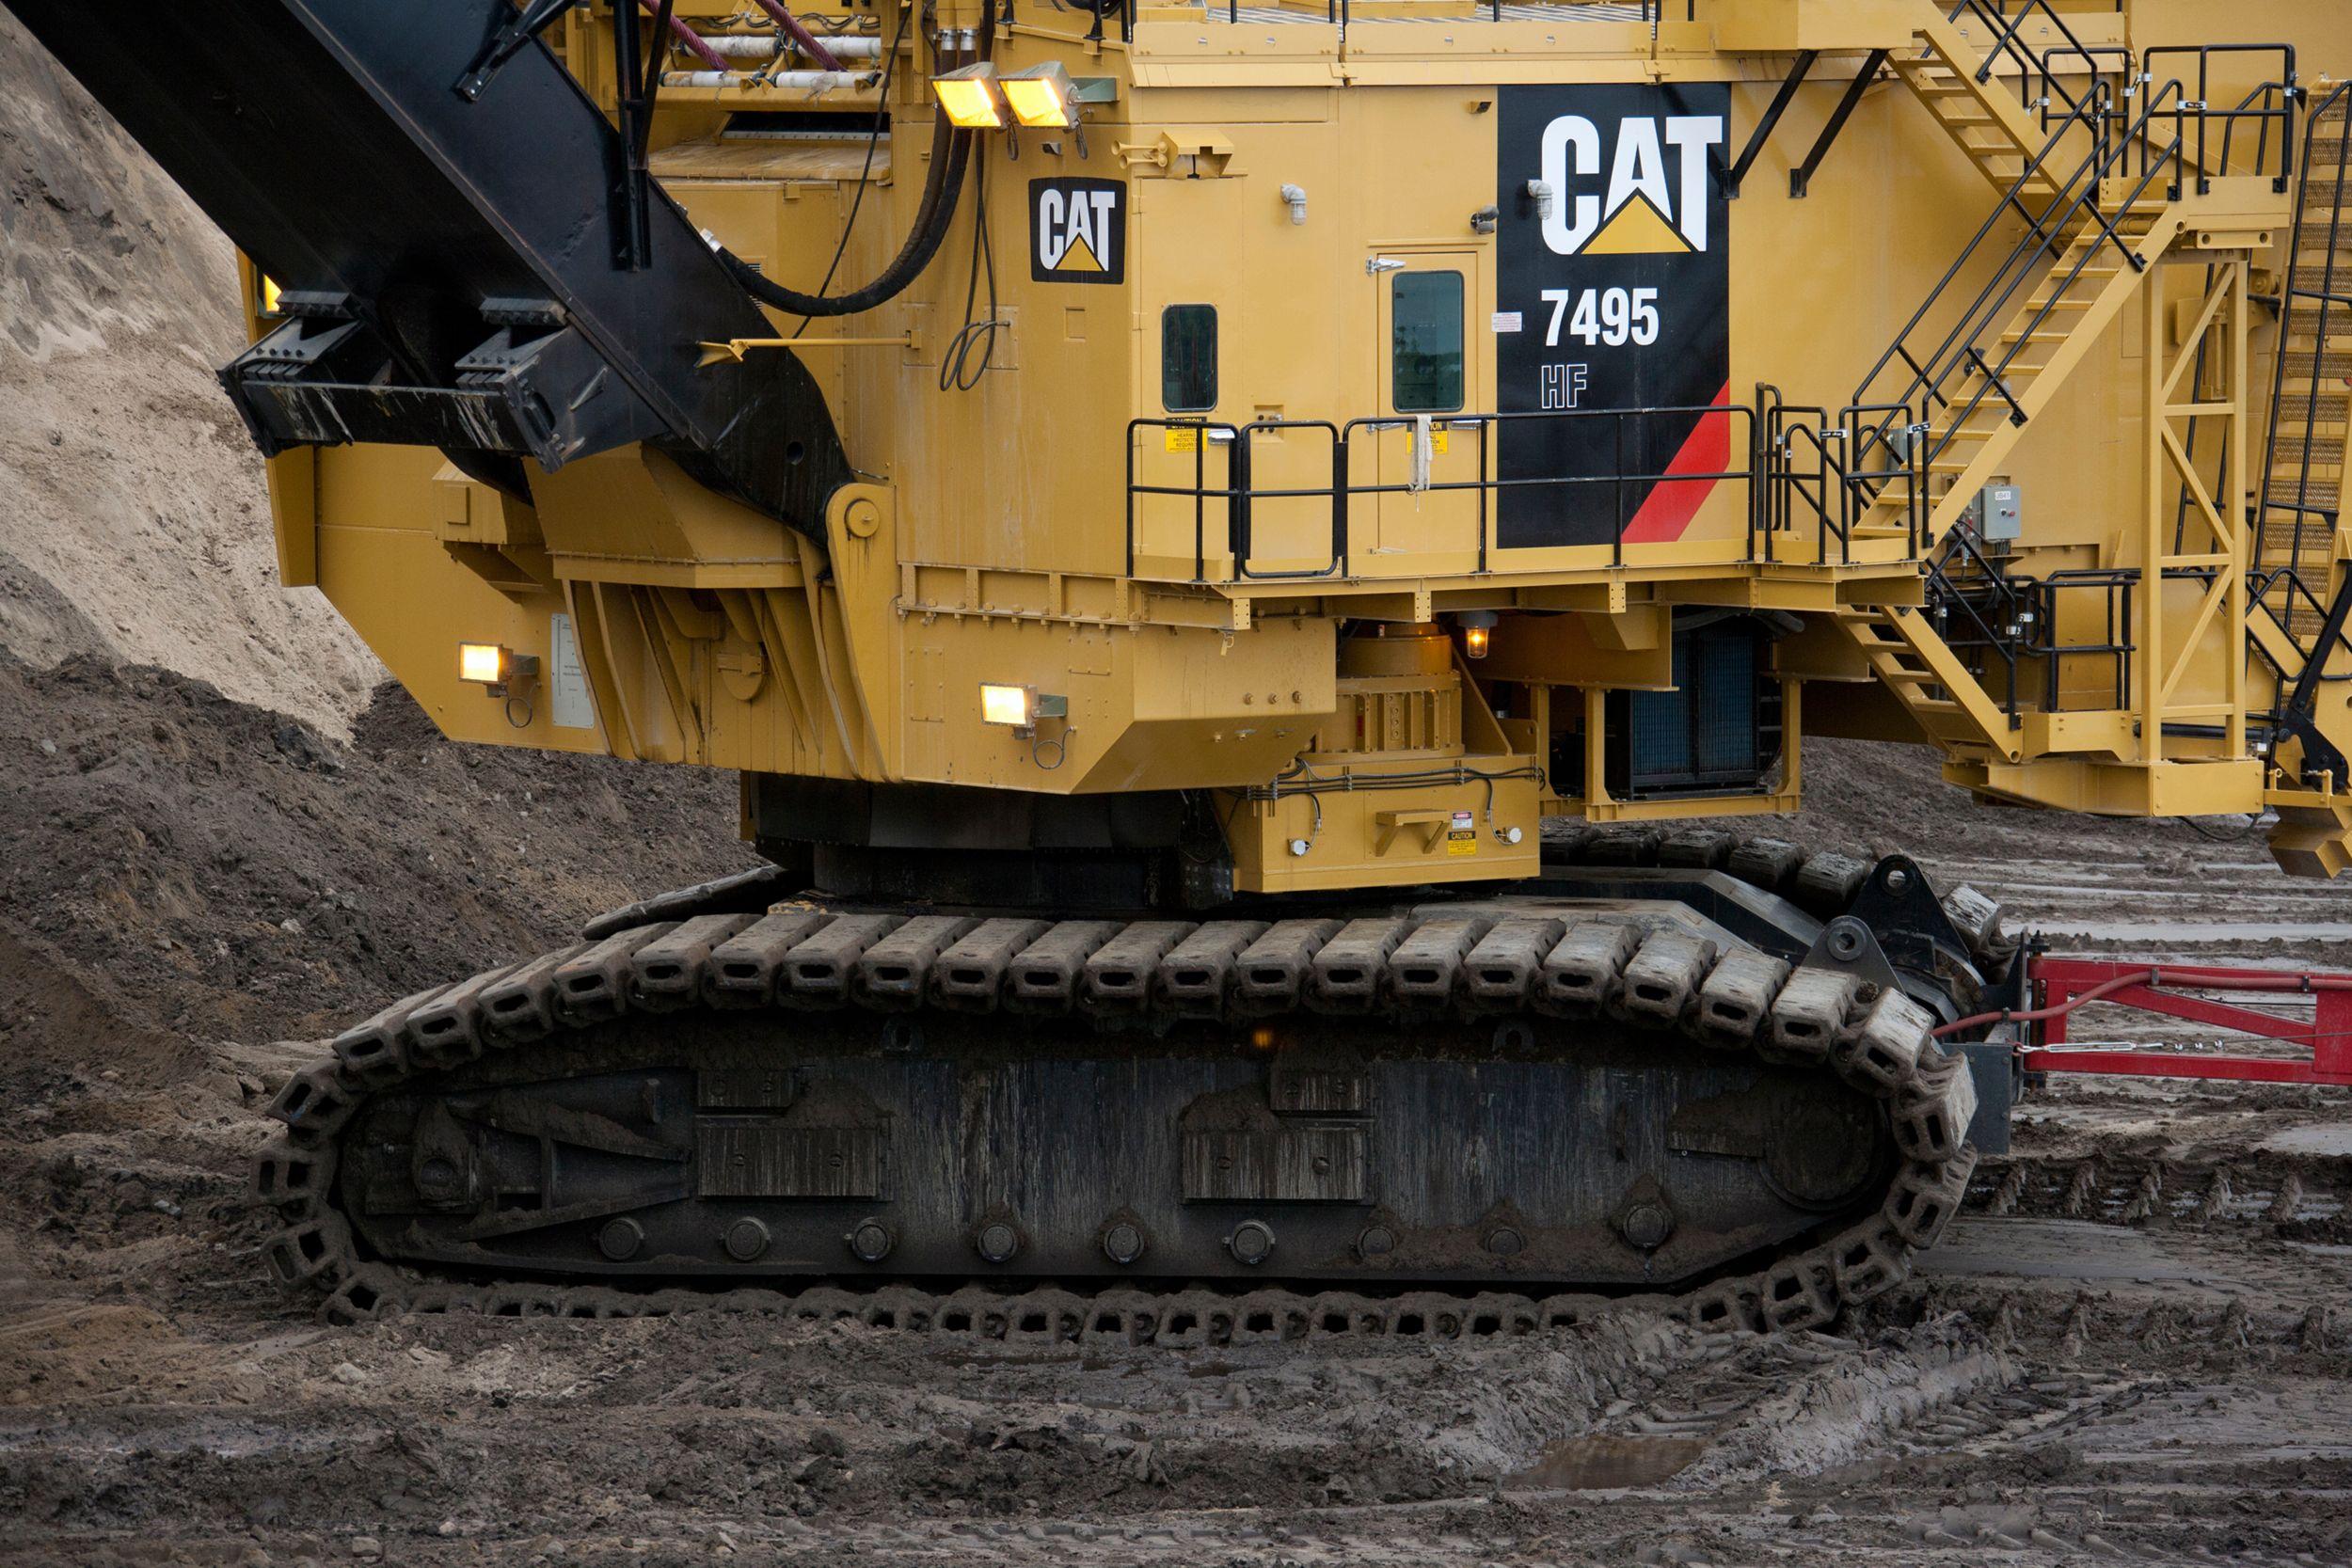 Material rodante da escavadeira Cat 7495 HF